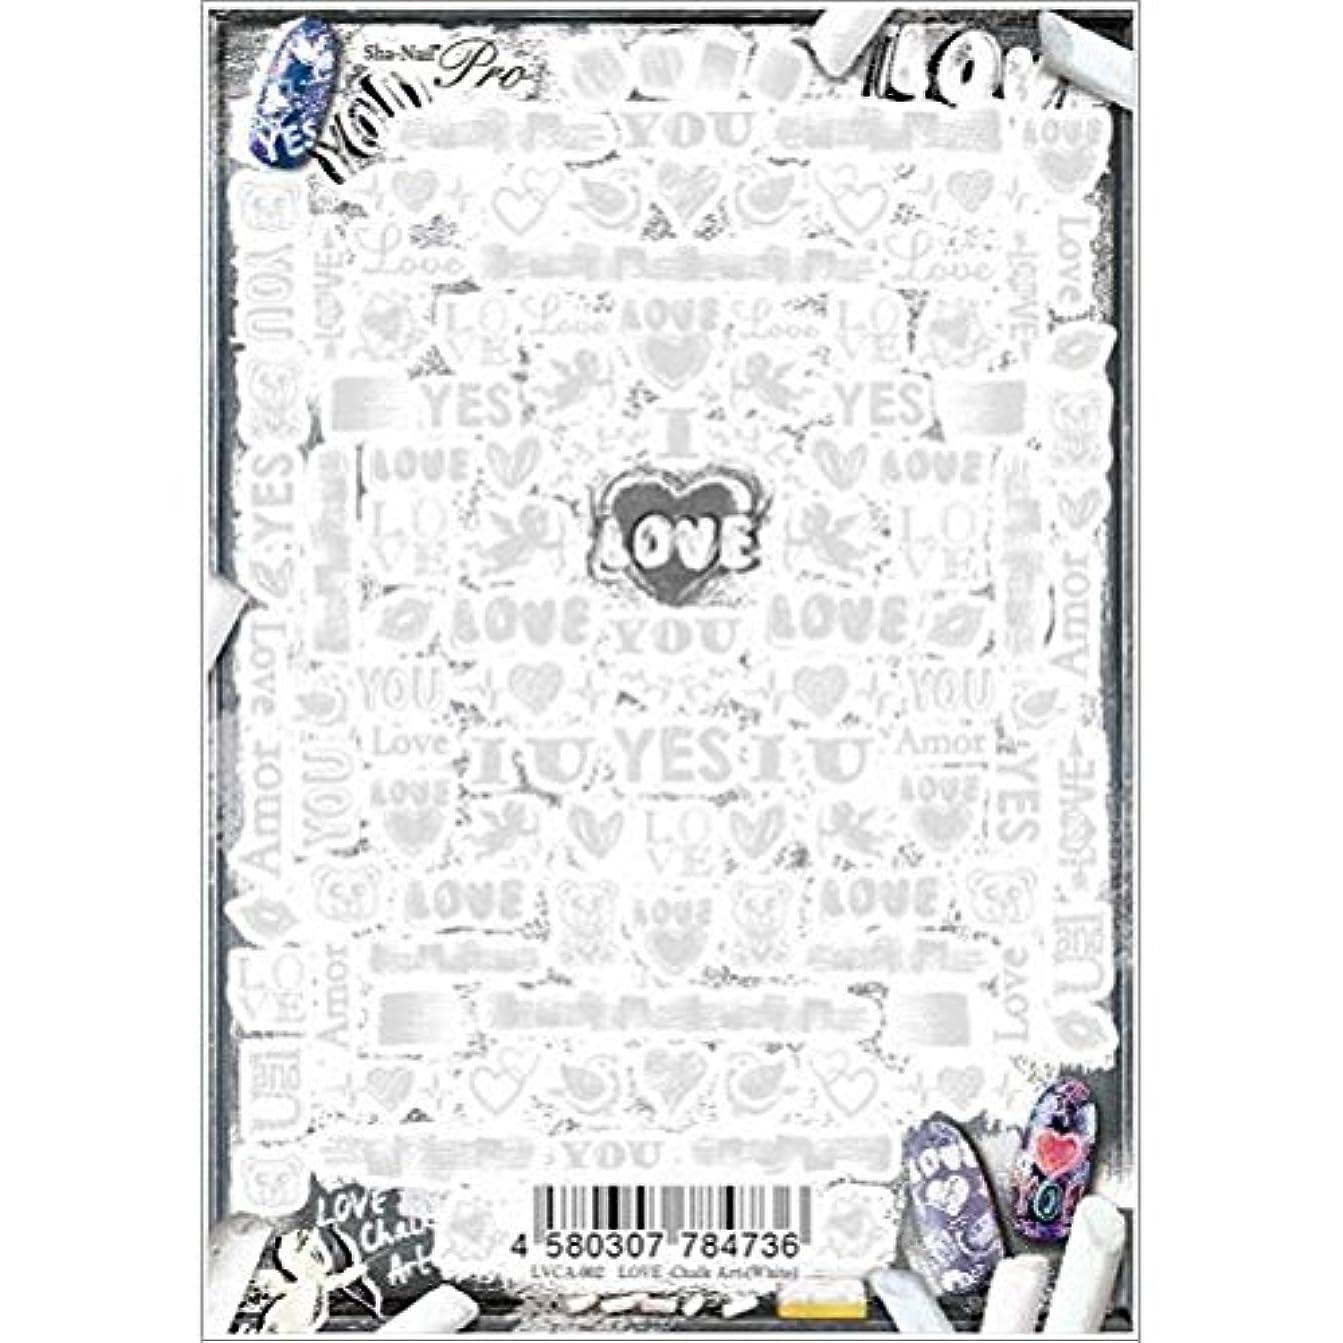 花に水をやるバウンス上向きSha-Nail Pro ネイルシール ラブ-チョークアート-(ホワイト) LVCA-002